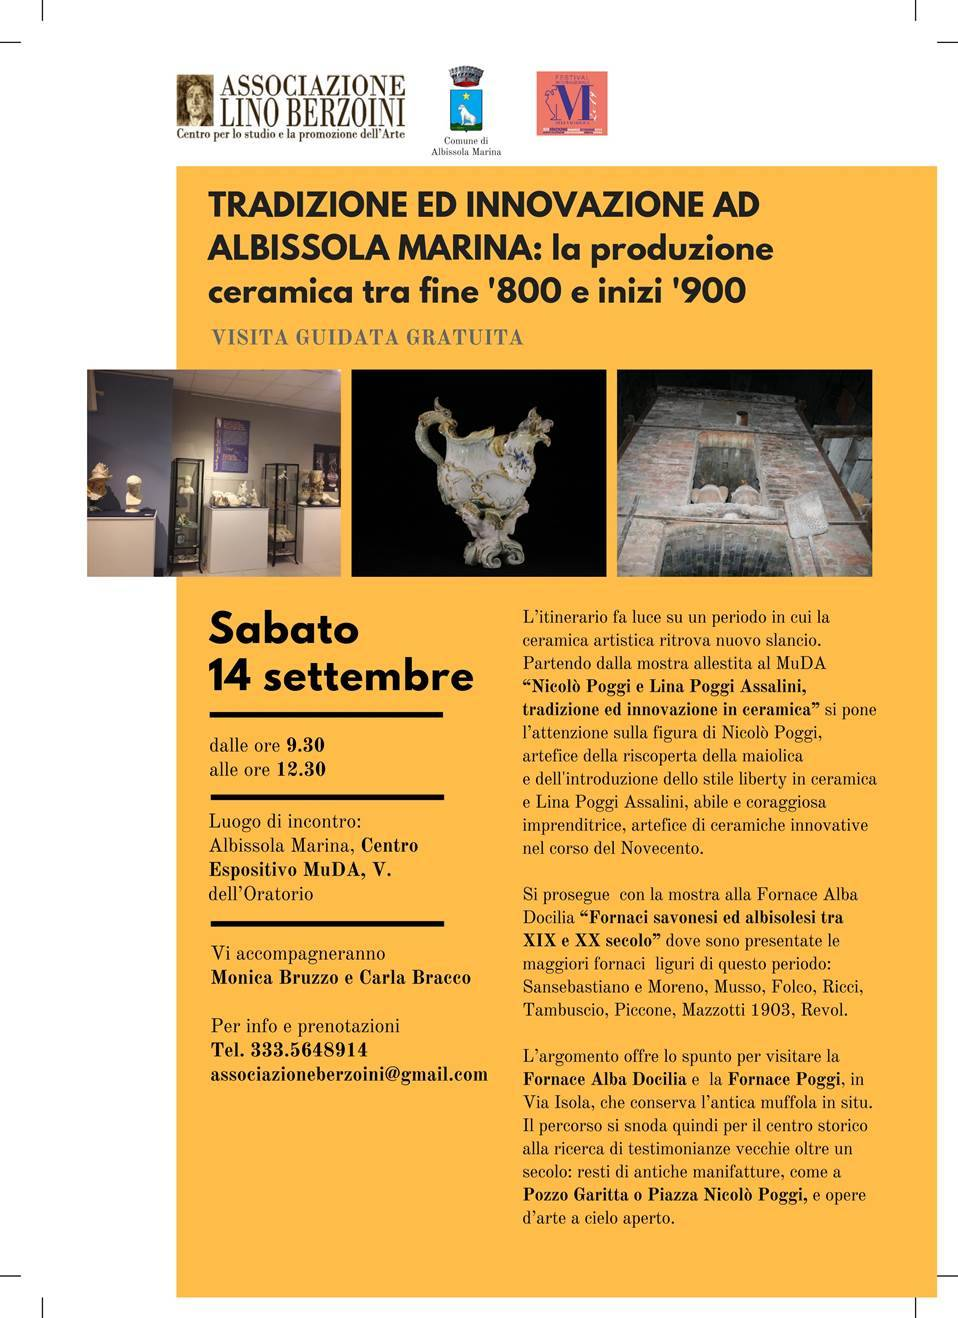 Visita guidata Tradizione e innovazione Albissola 2019